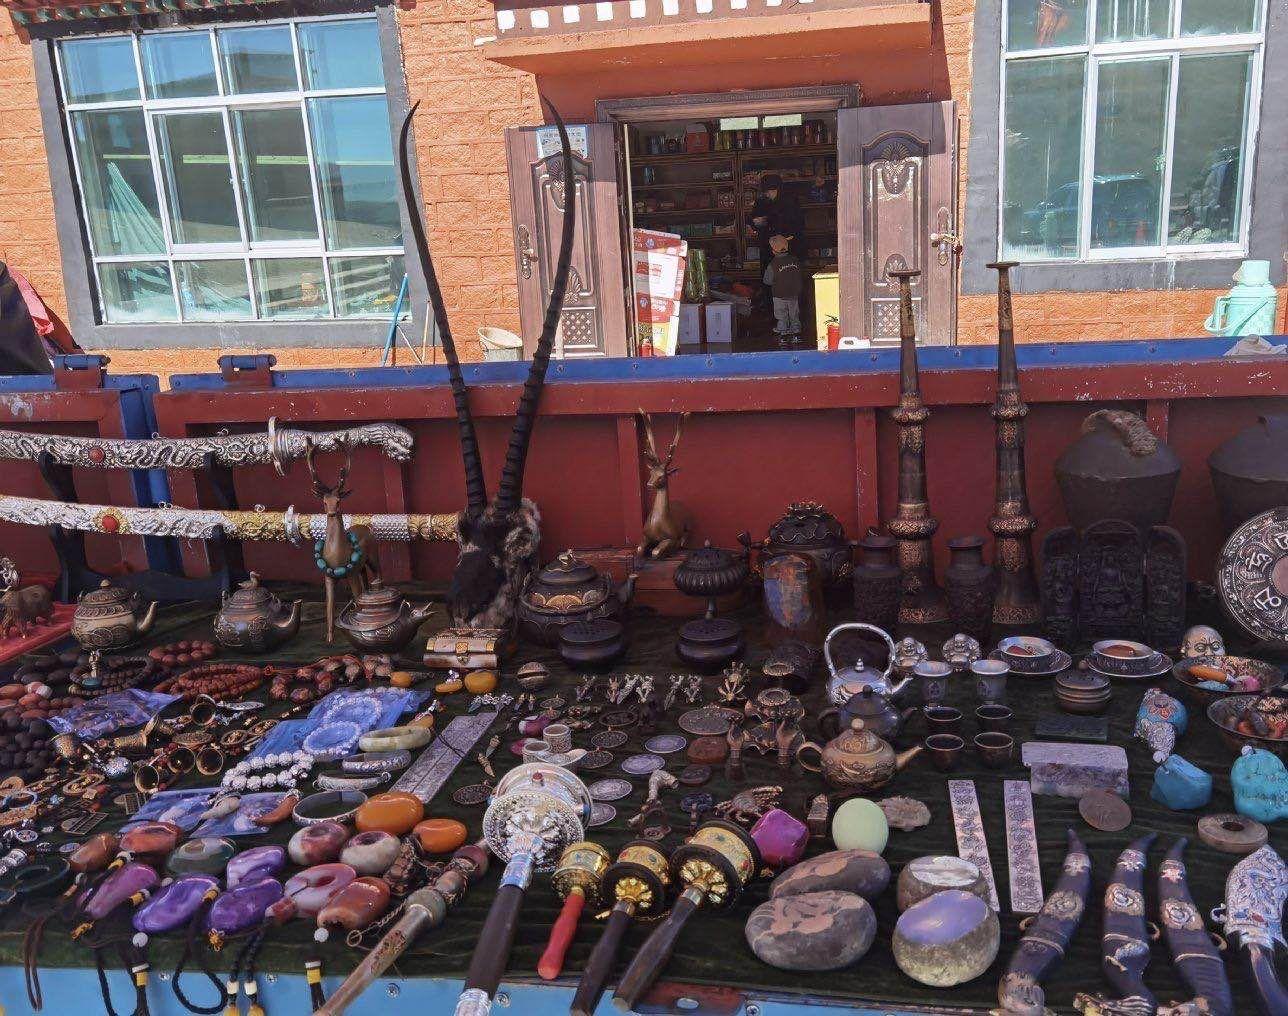 西藏一景区商贩卖疑似藏羚羊头骨,警方立案调查图片